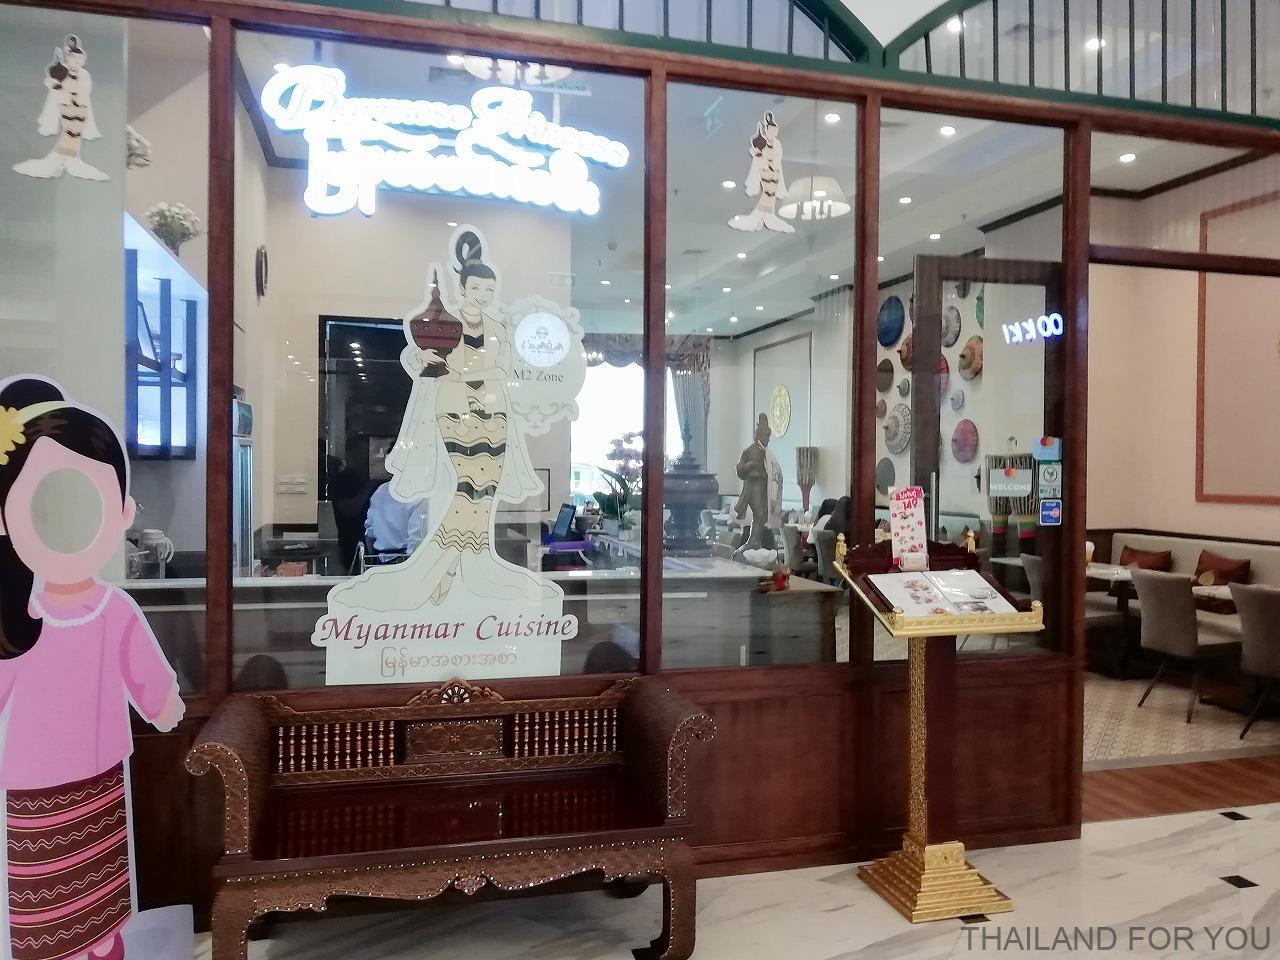 ザ・マーケット・バンコク Burmese Princess the market bangkok 写真